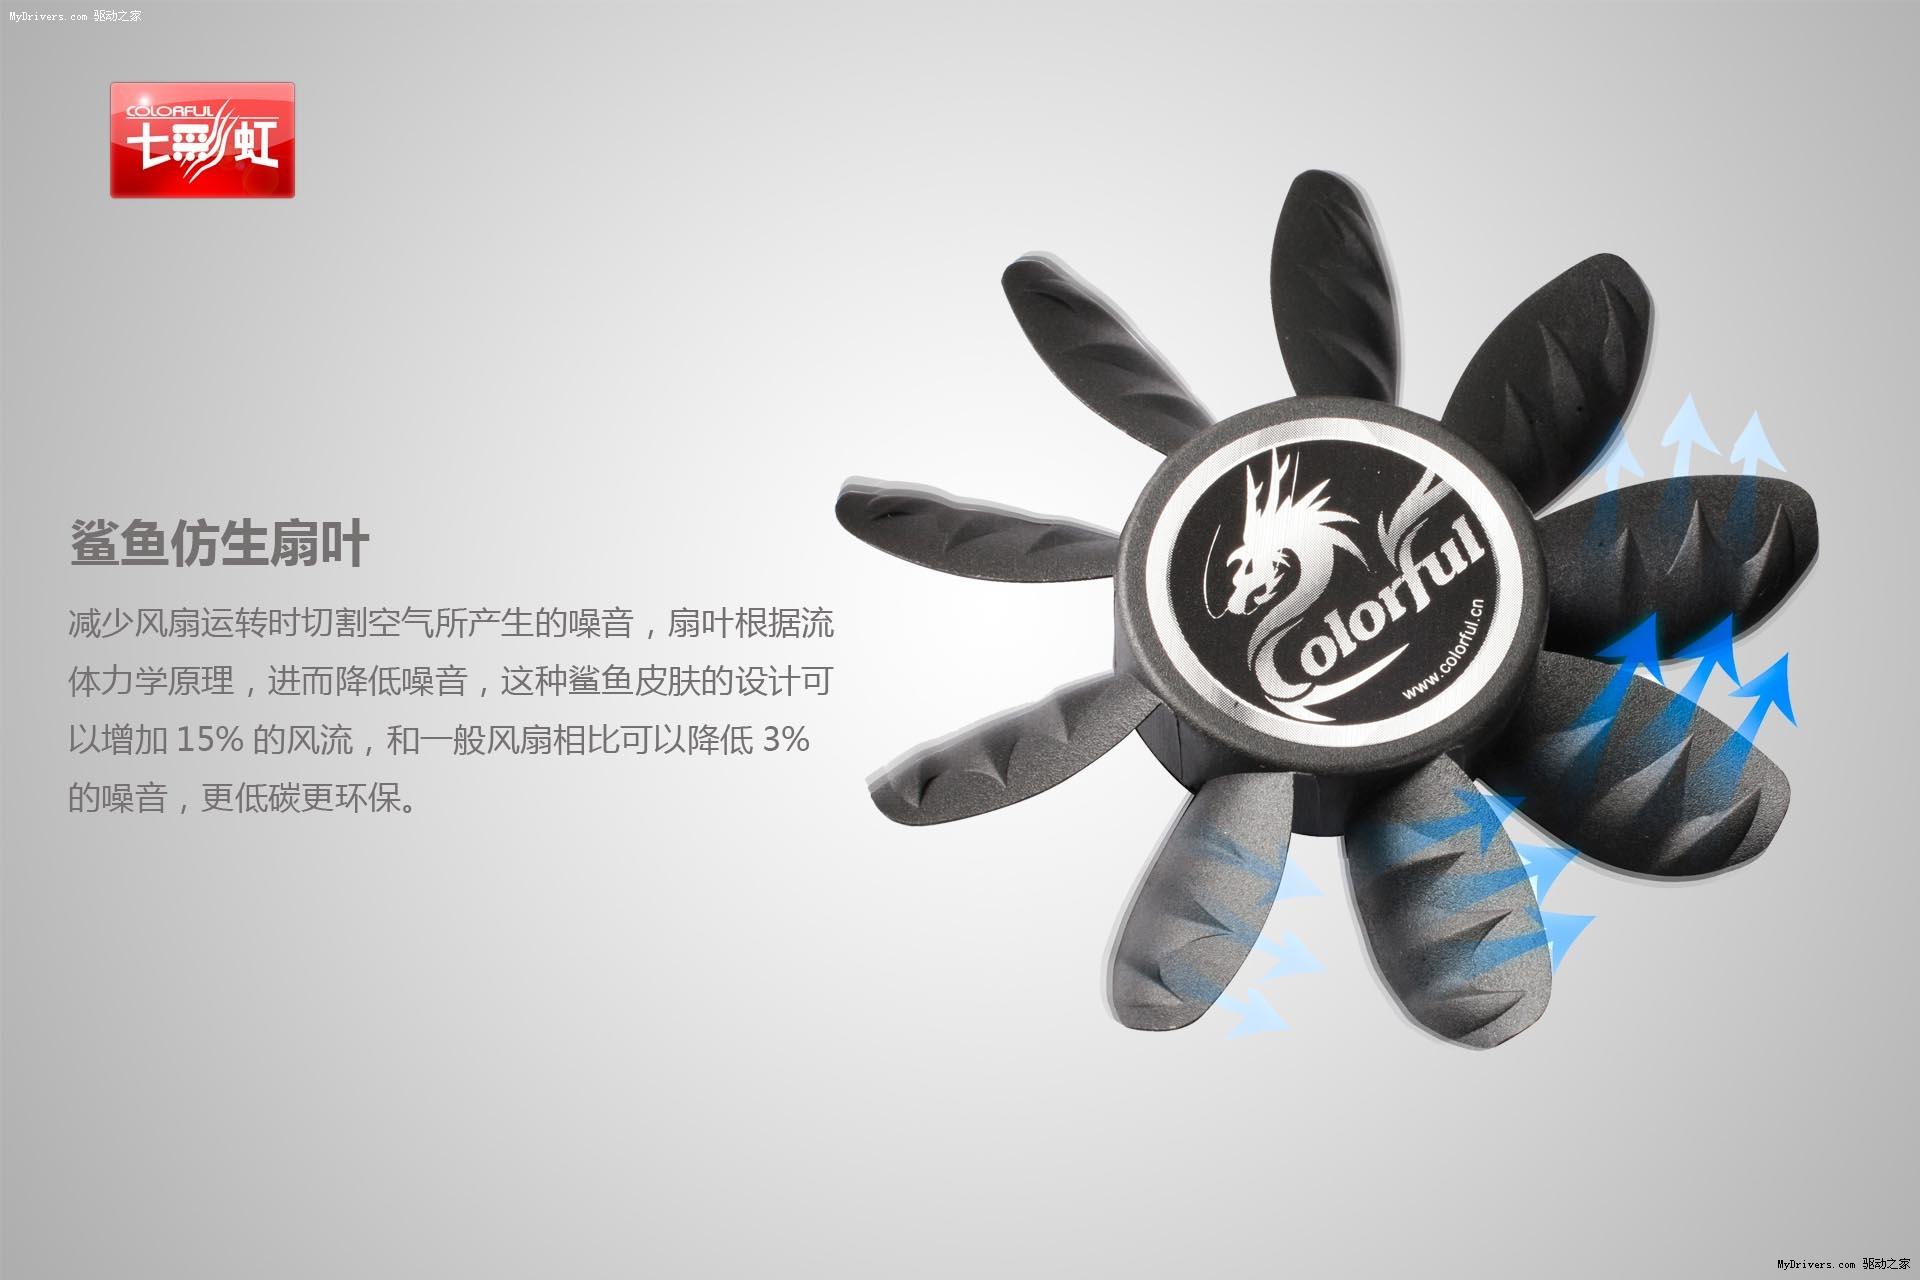 igame560ti采用了双风扇,并使用了大小扇结构的设计.图片